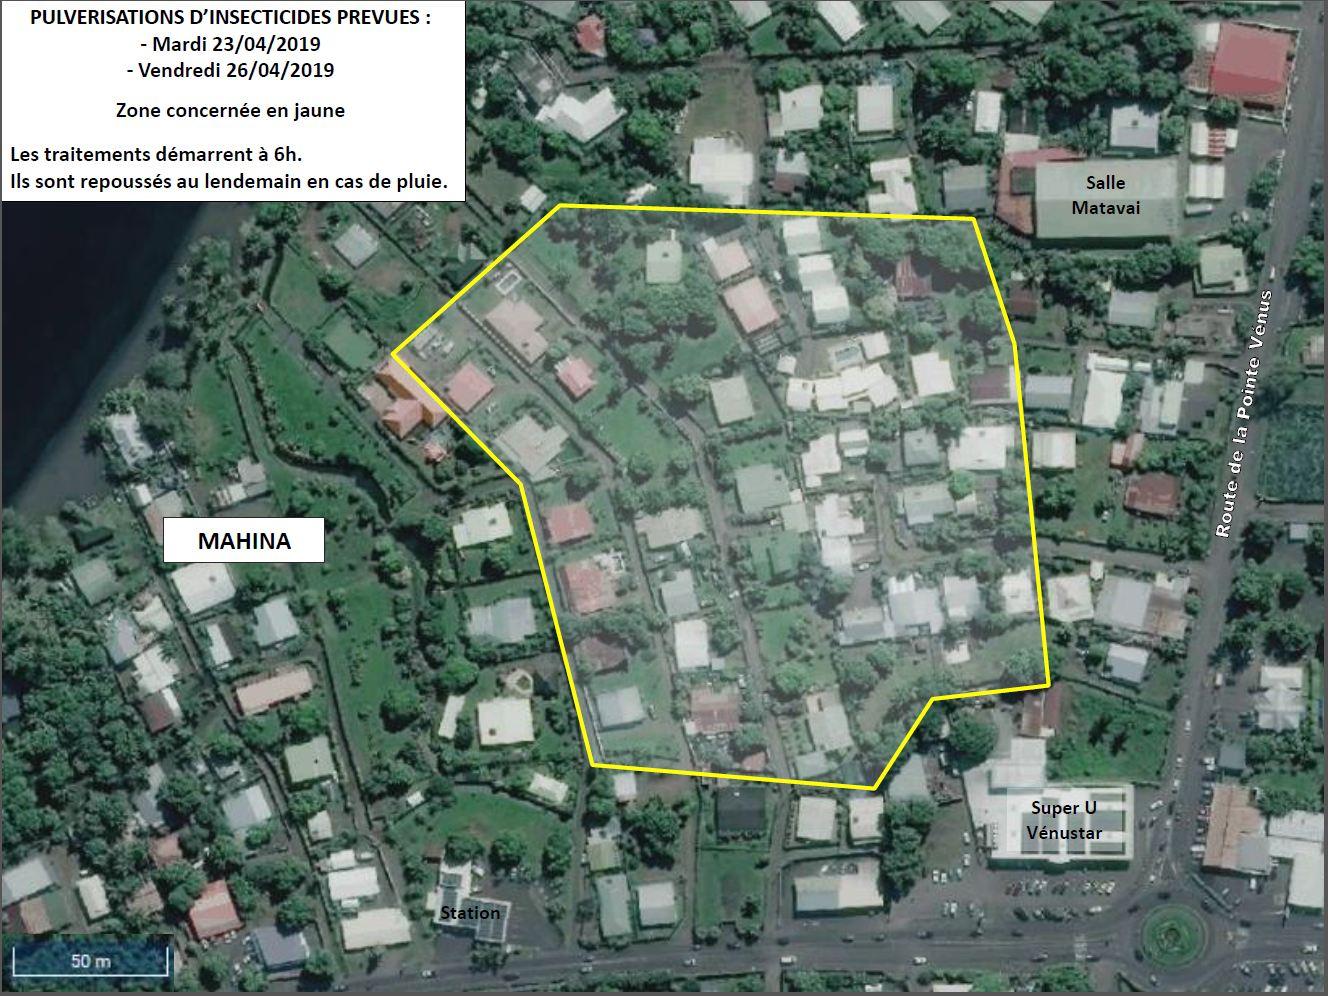 Trois nouveaux quartiers de Mahina touchés par la dengue de type 2